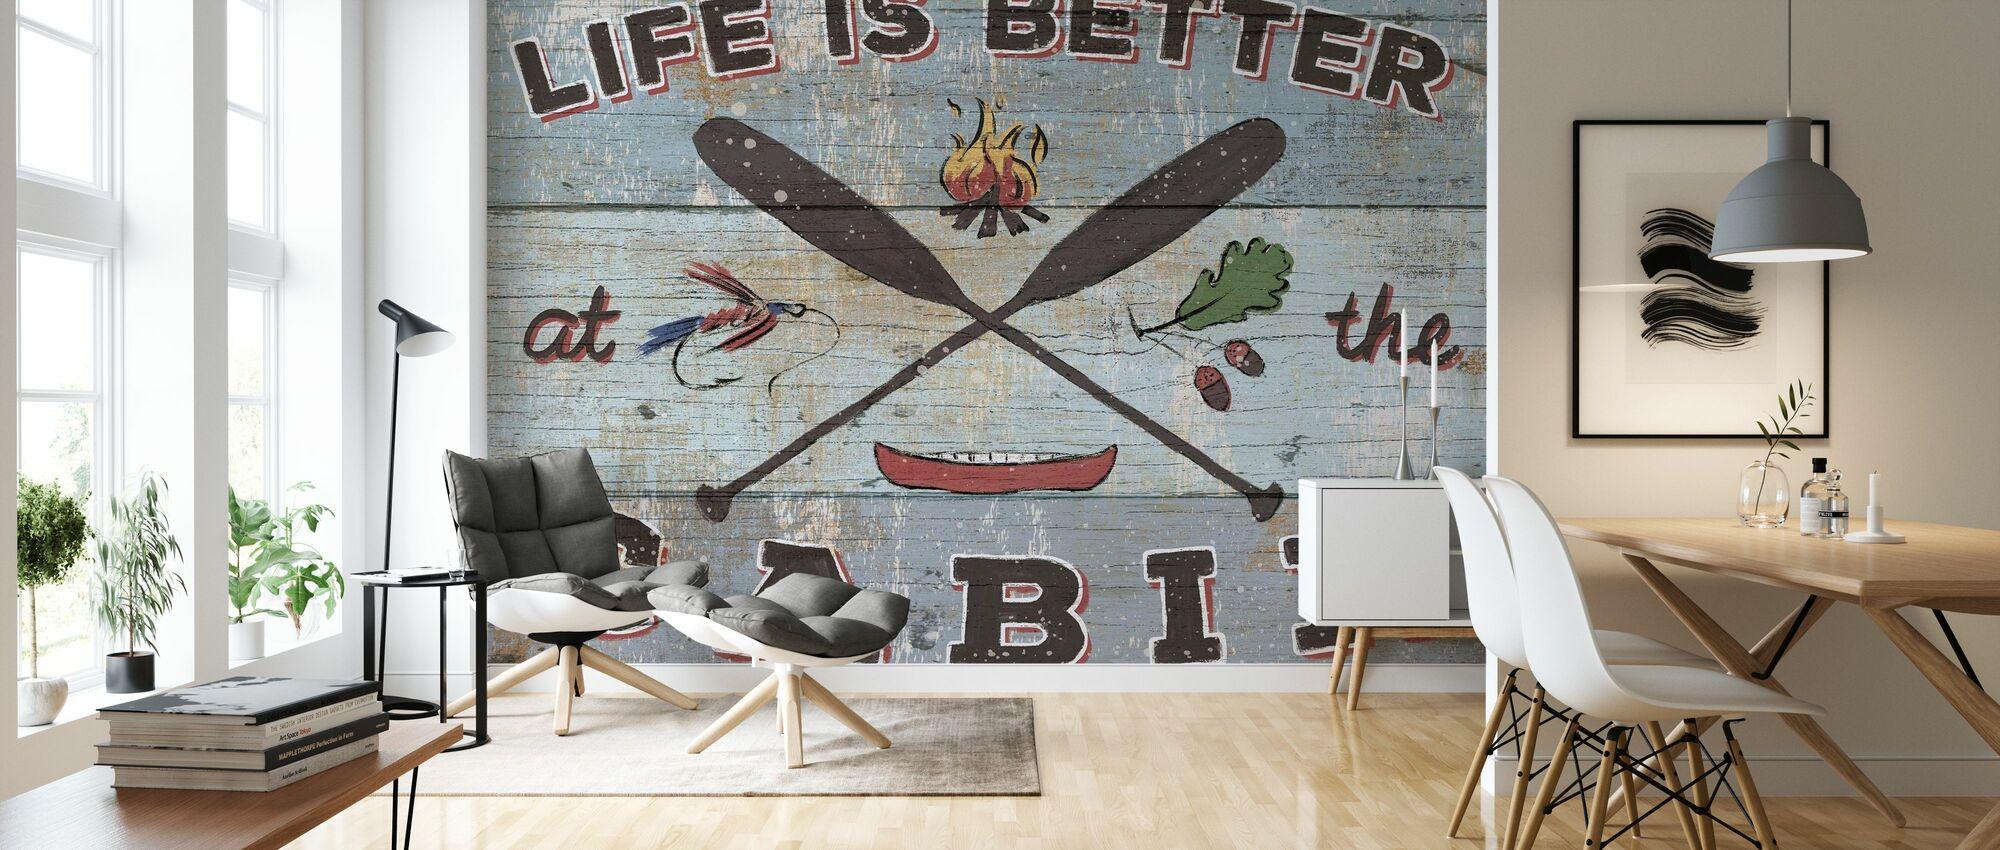 Cabin Fever I - Wallpaper - Living Room